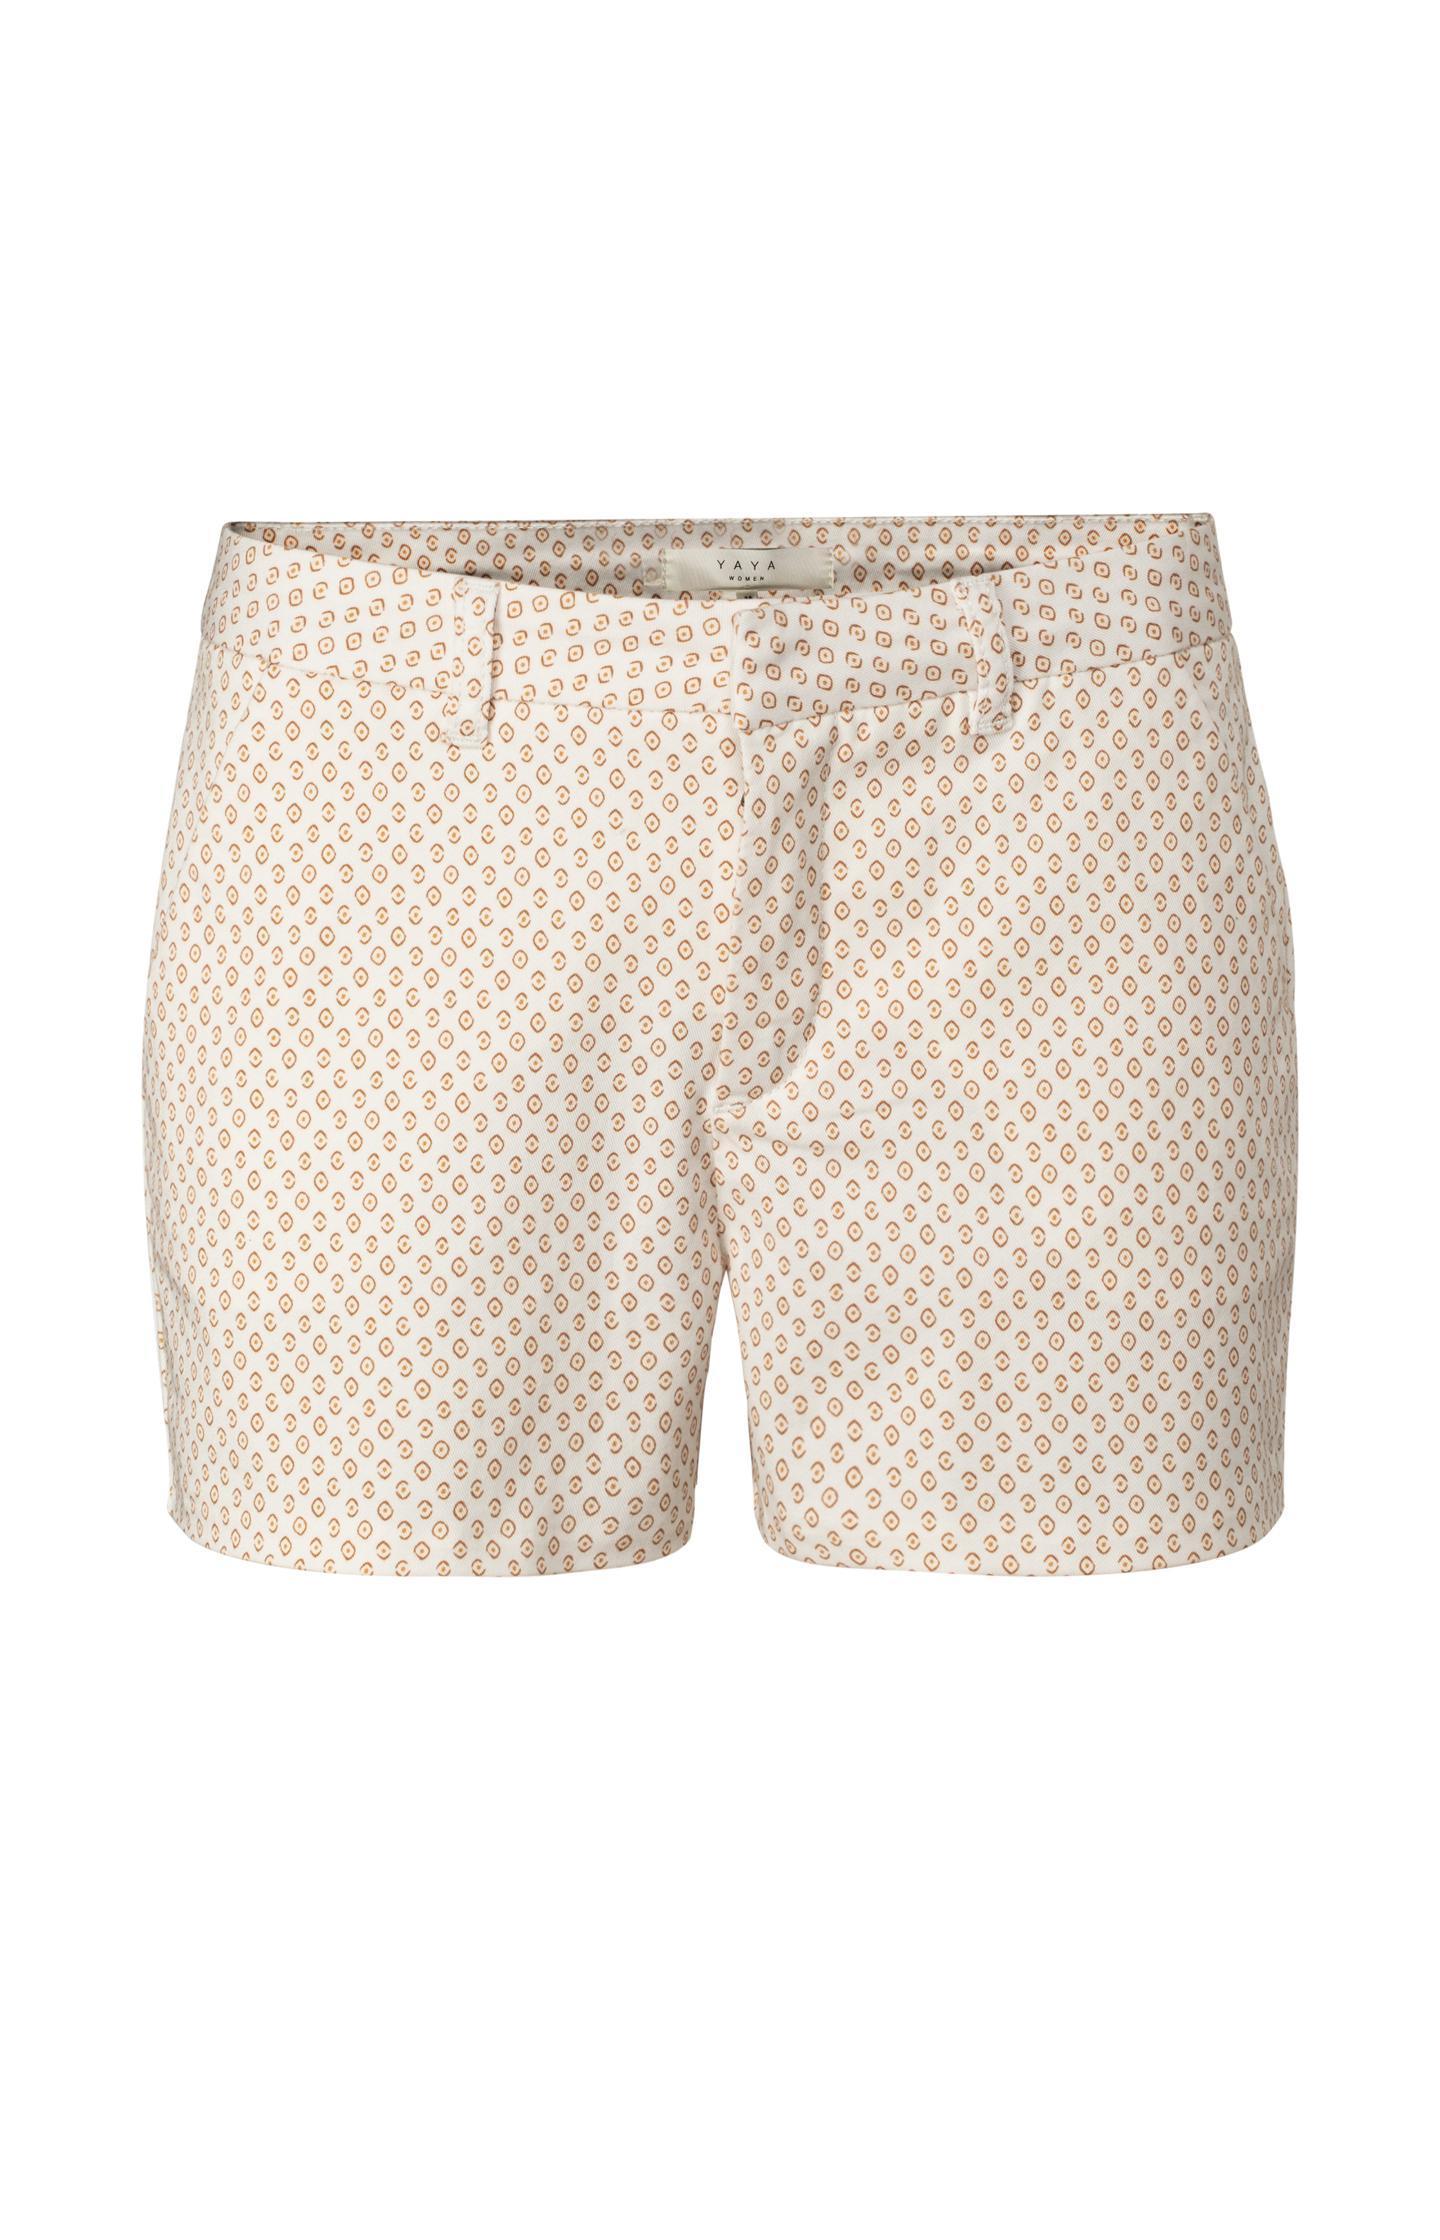 Zand dames korte broek - Ya Ya - 243021